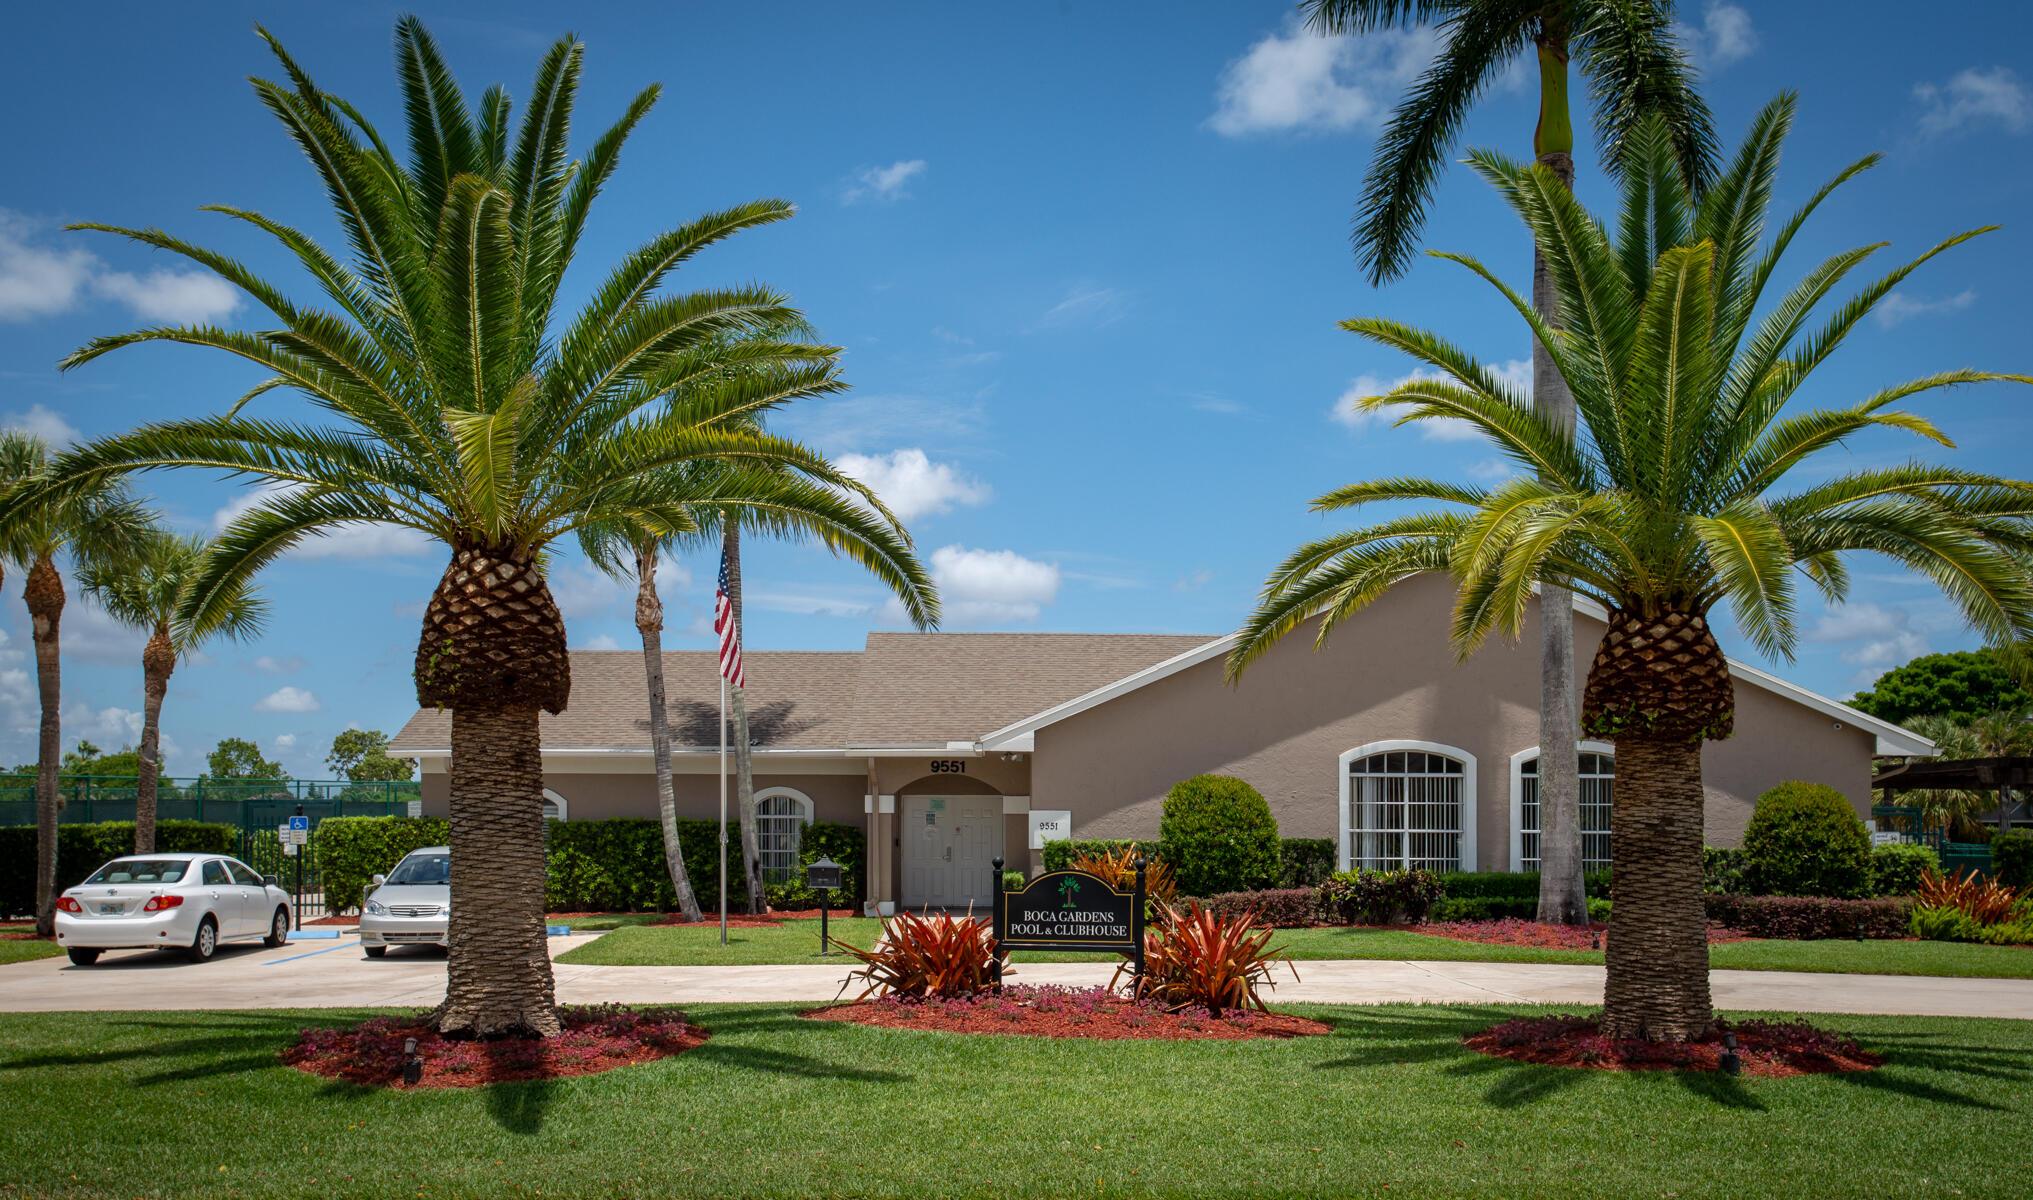 9854 Boca Gardens Trail C Boca Raton, FL 33496 photo 34